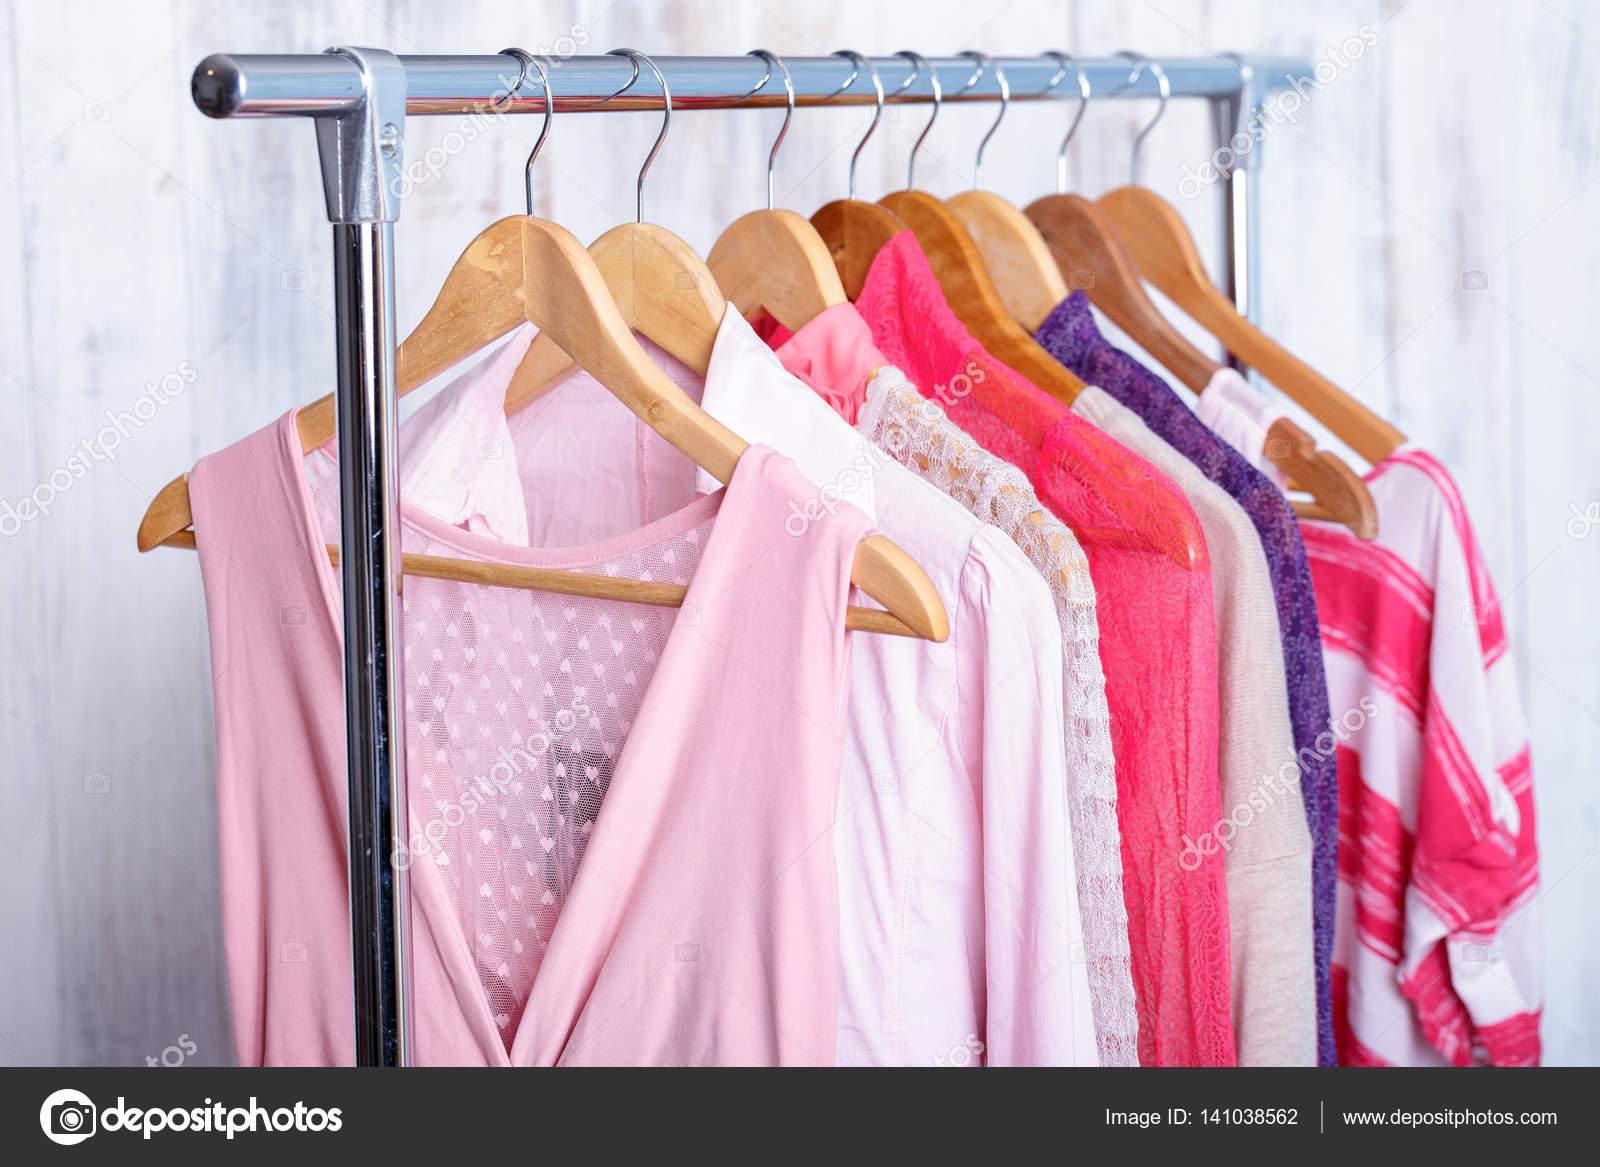 Pembe Kadin Giyim Moda Rafa Aski Uzerinde Depolamak Dolap